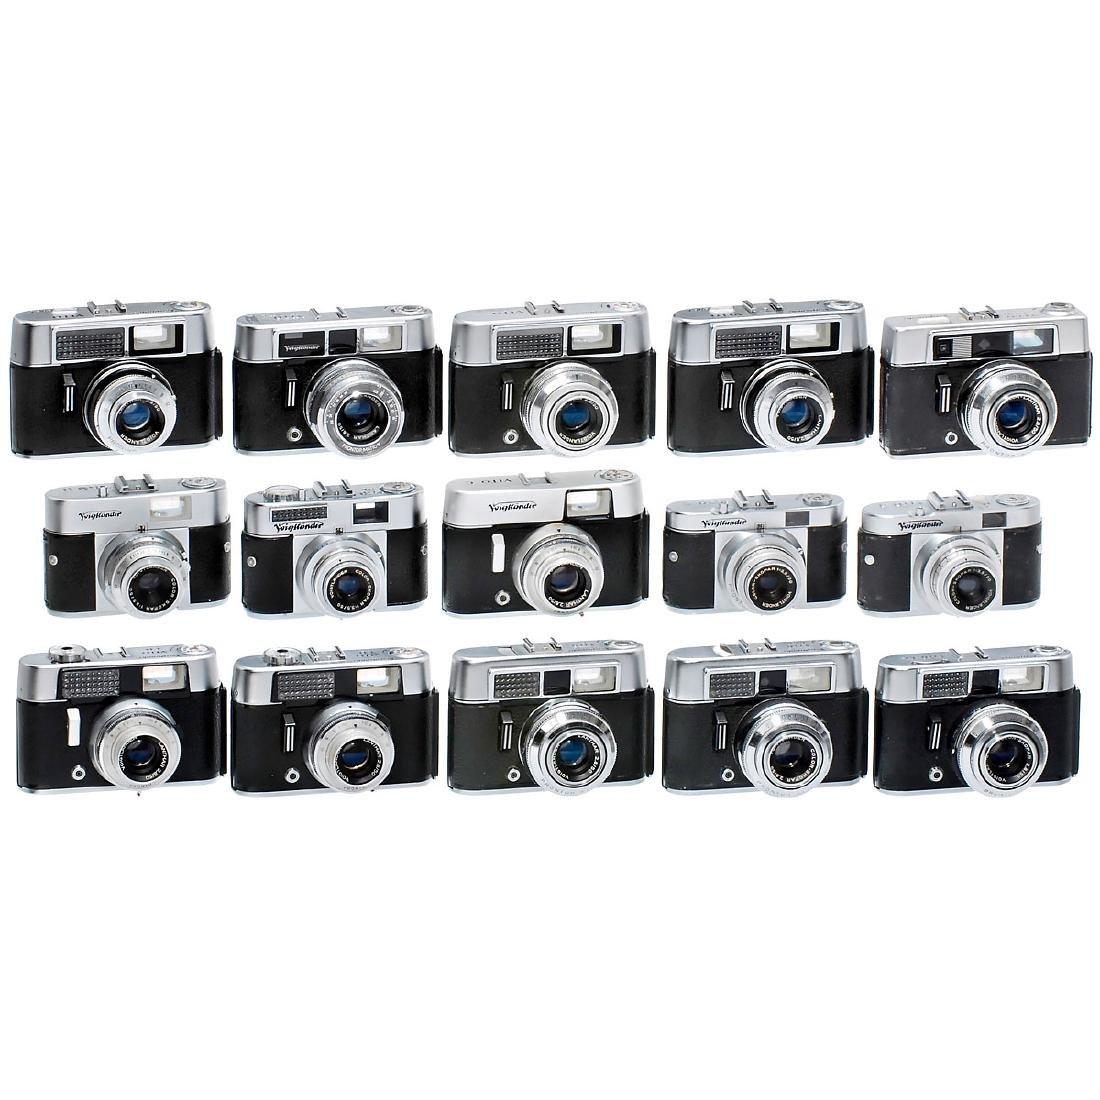 15 Mixed Vito Cameras by Voigtländer